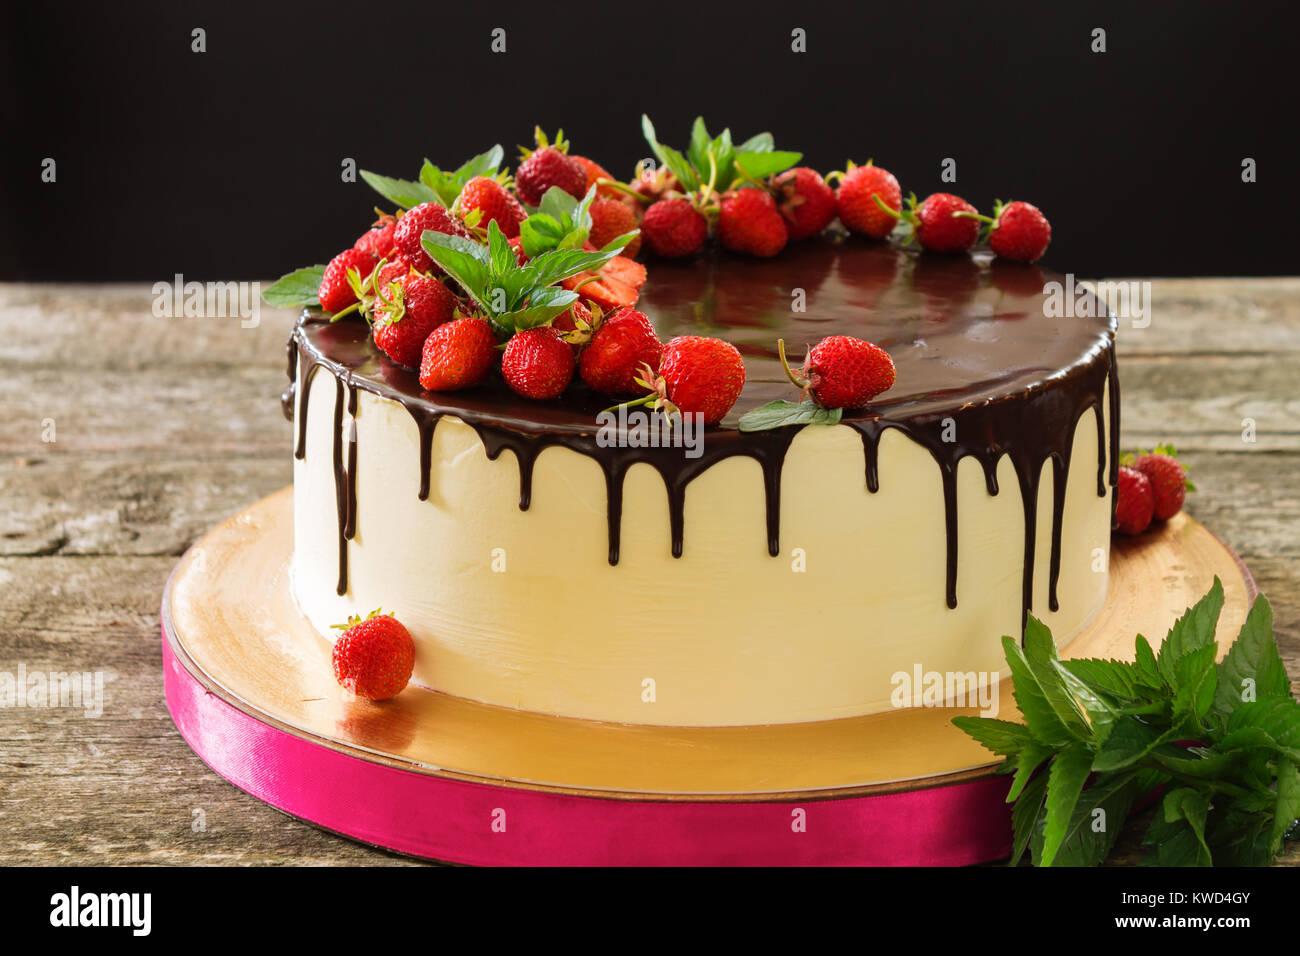 Schonen Kuchen Mit Schwarzer Schokolade Mit Erdbeeren Und Minze